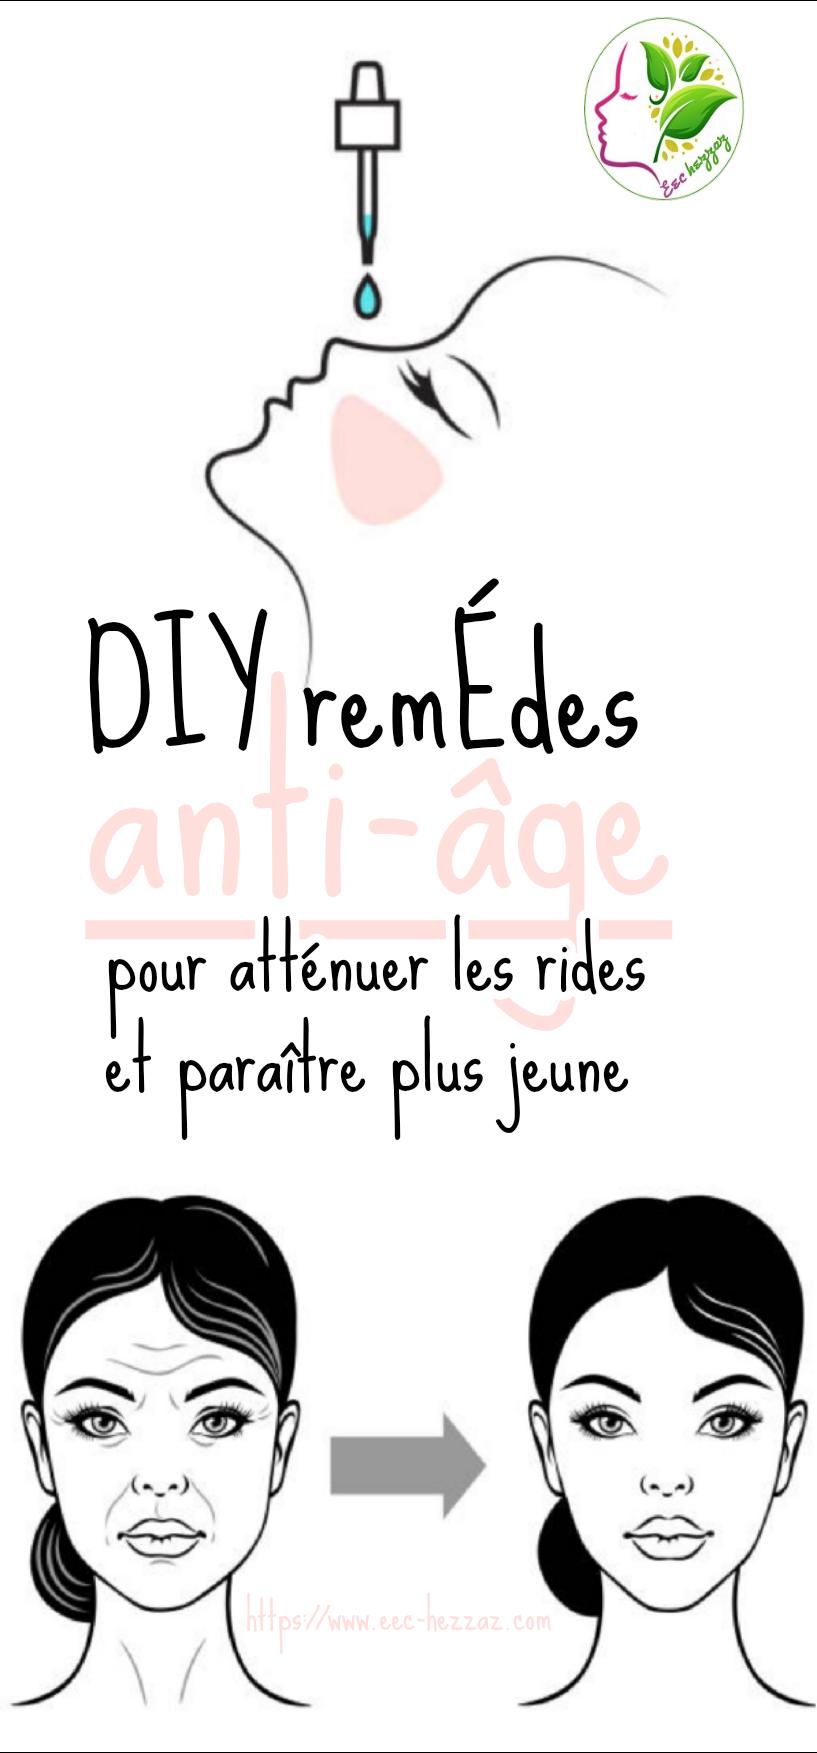 DIY remèdes anti-âge pour atténuer les rides et paraître plus jeuneDIY remèdes anti-âge pour atténuer les rides et paraître plus jeune